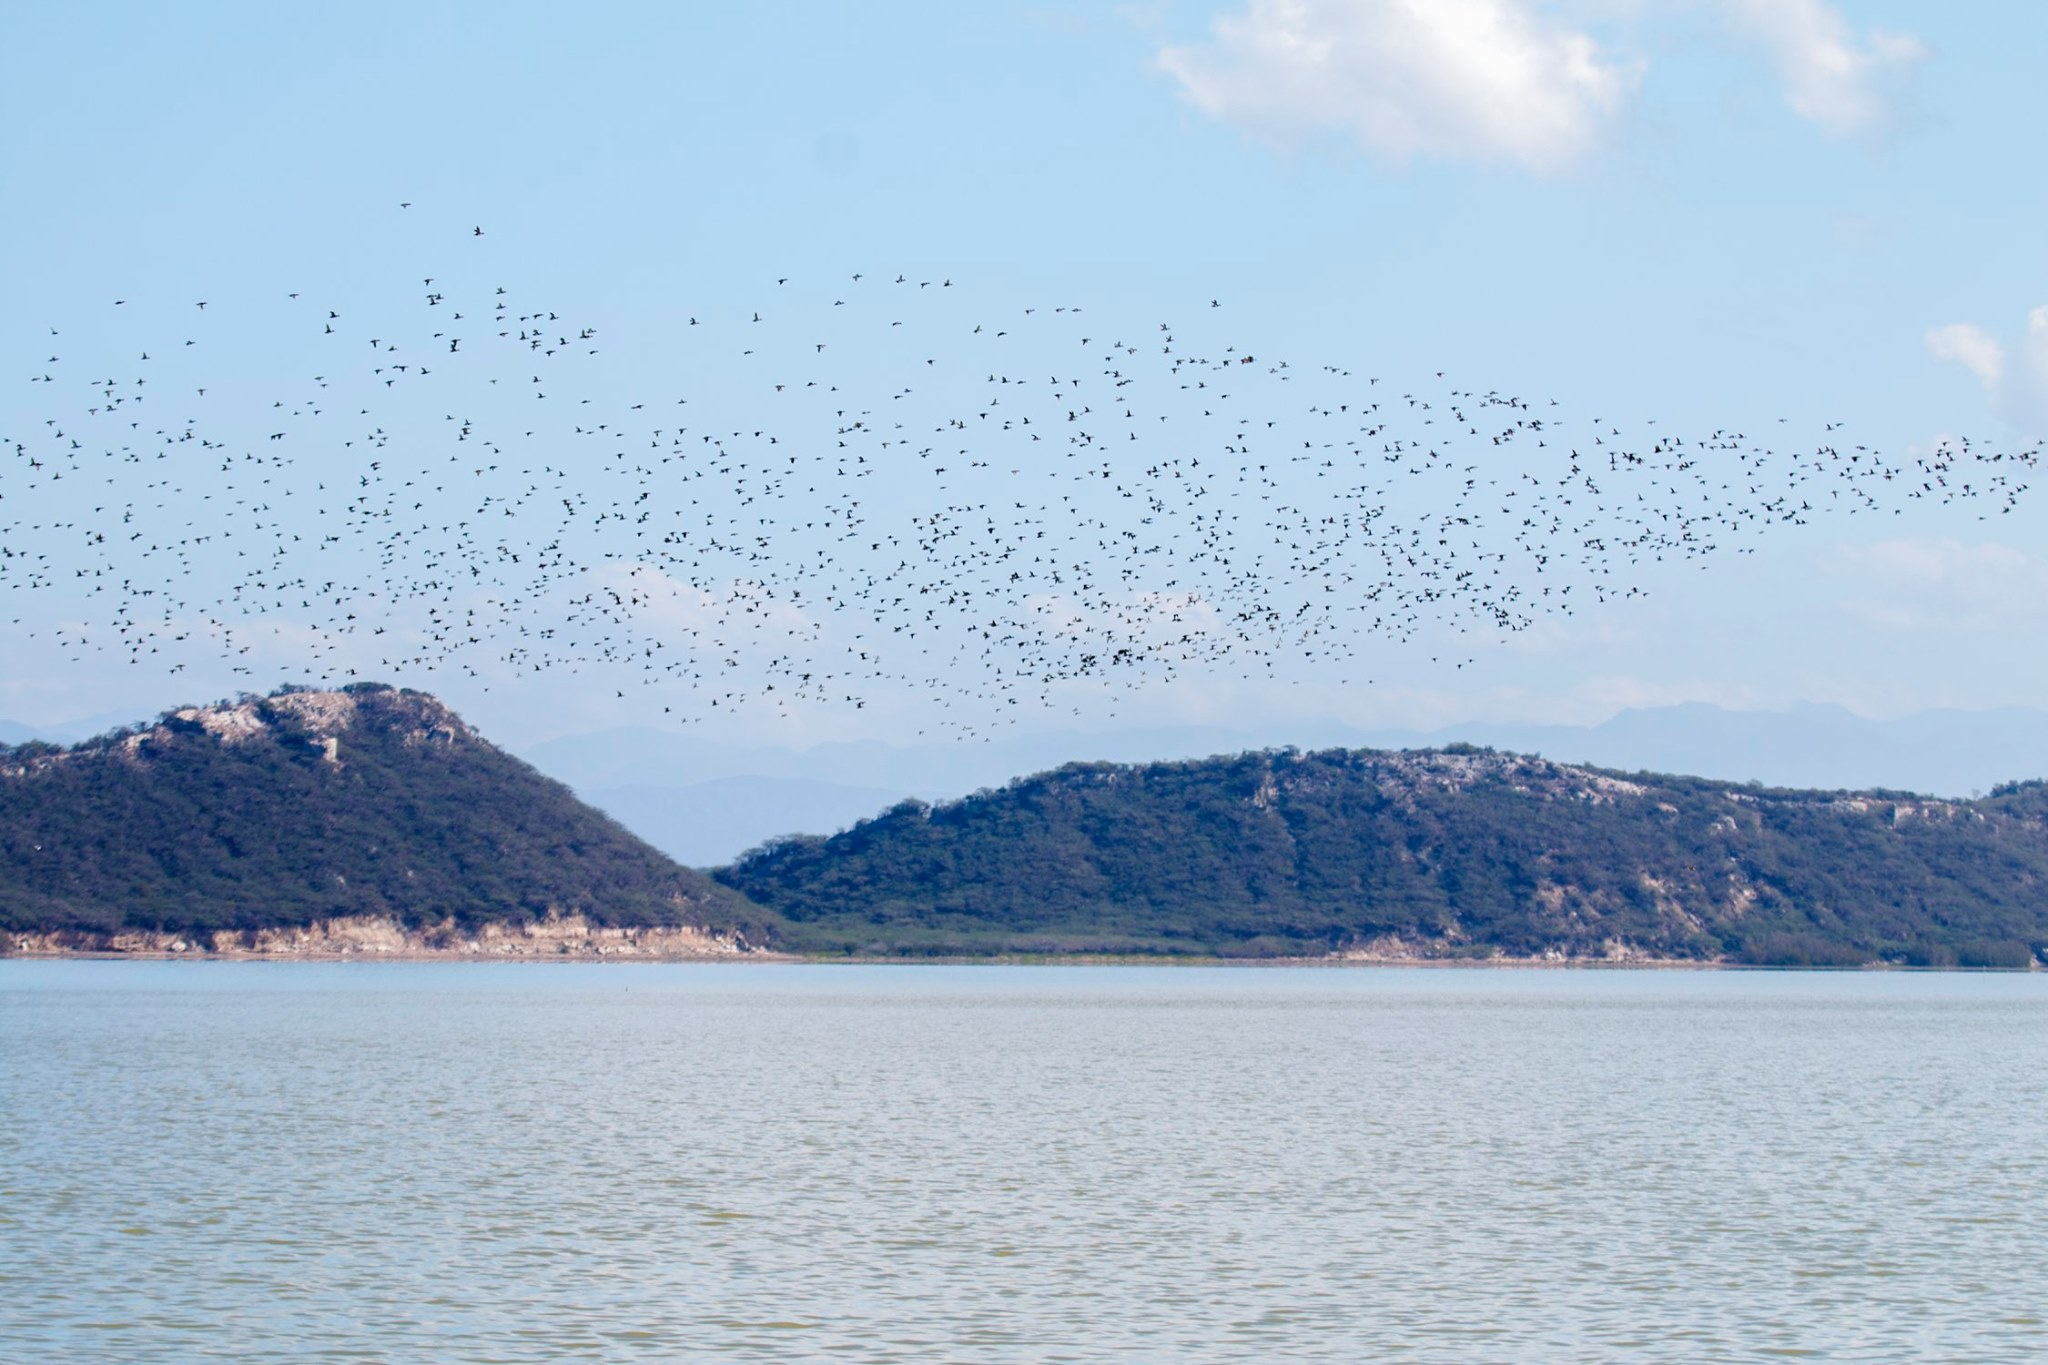 """""""Patos porrones menores (Aythya affinis) en la Laguna de Cabral. Foto hecha el 28 de Febrero de 2015."""""""